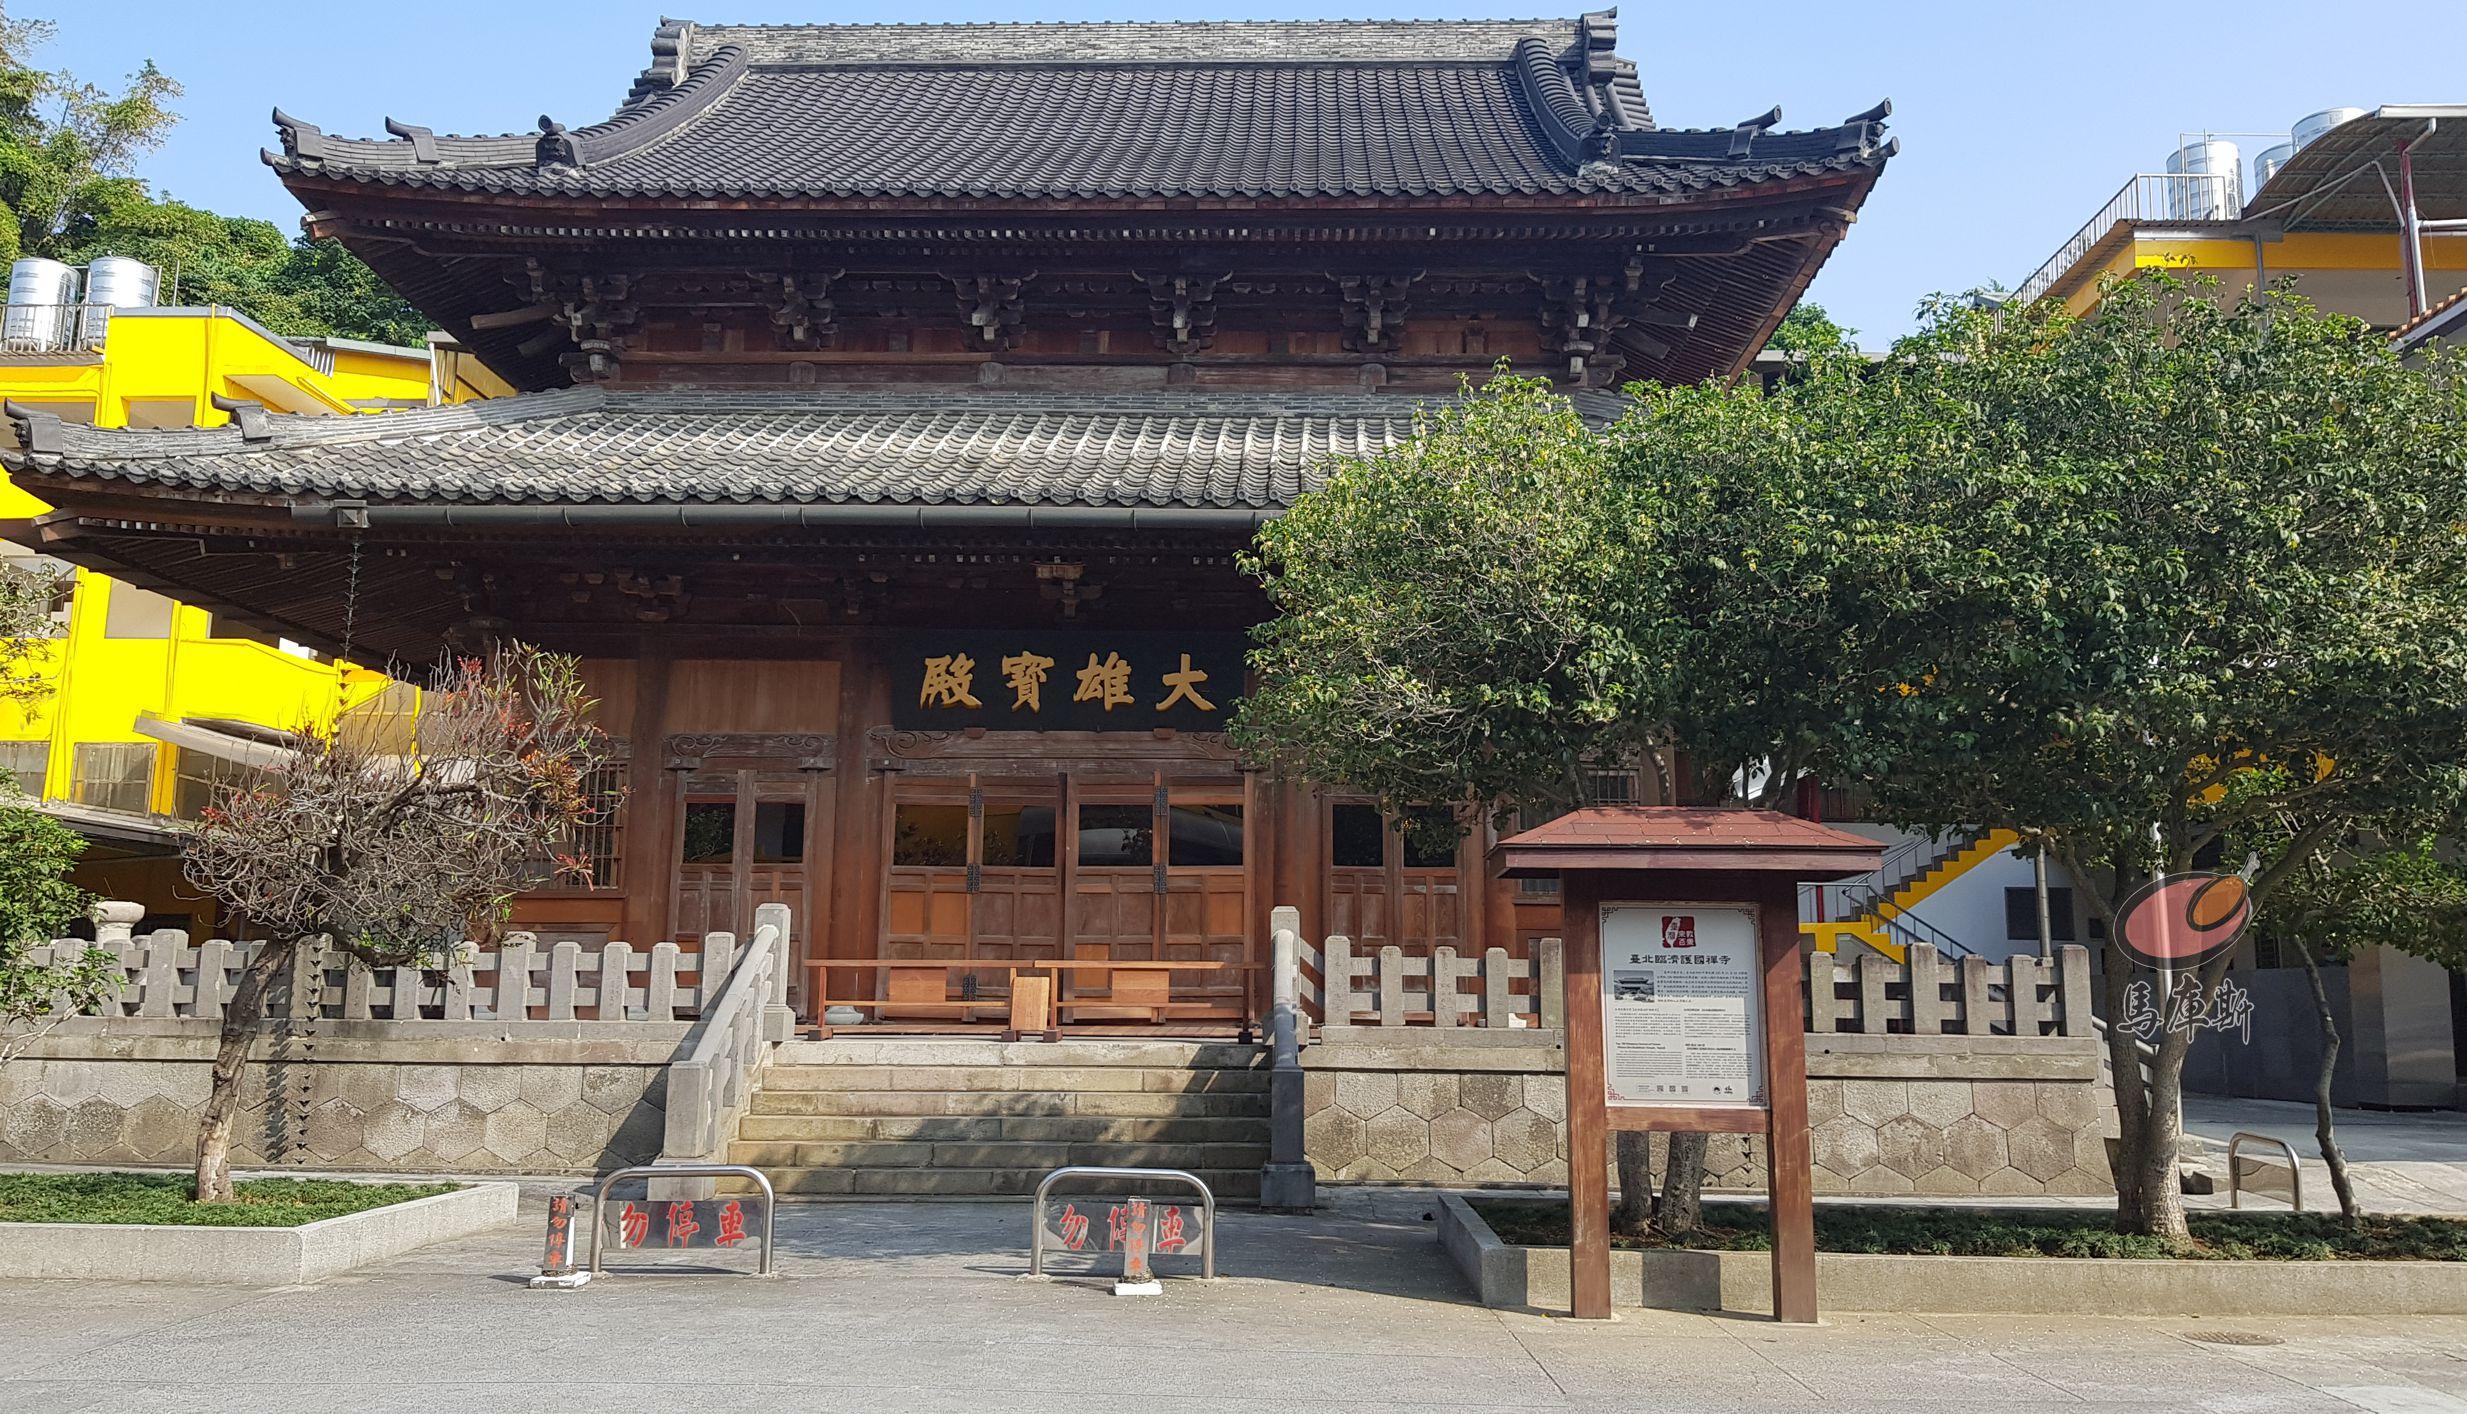 玩樂嚮導 - 台北圓山臨濟護國禪寺